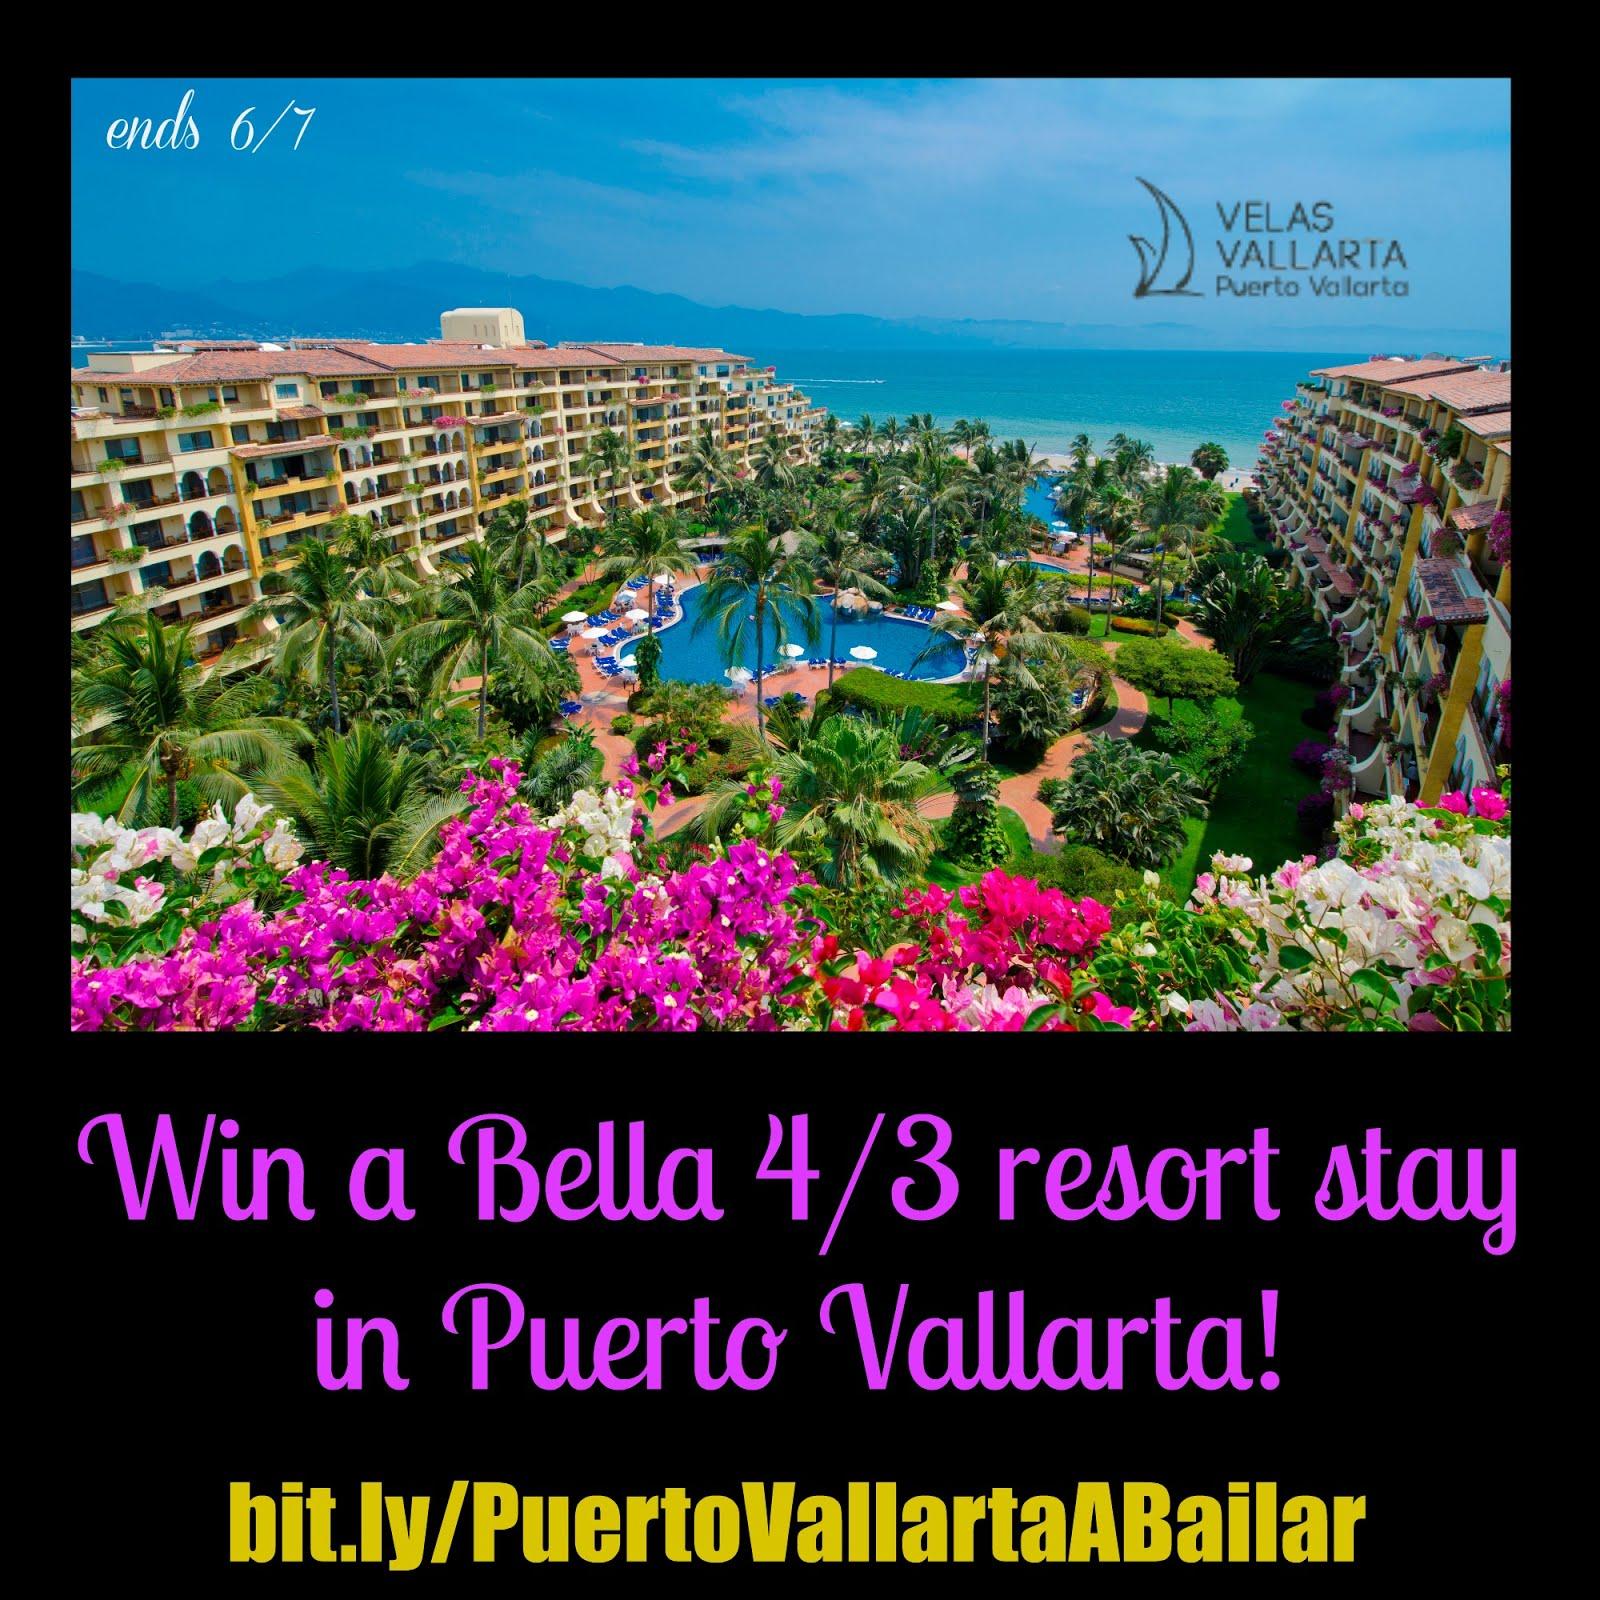 Puerto Vallarta 4/3 Resort Stay